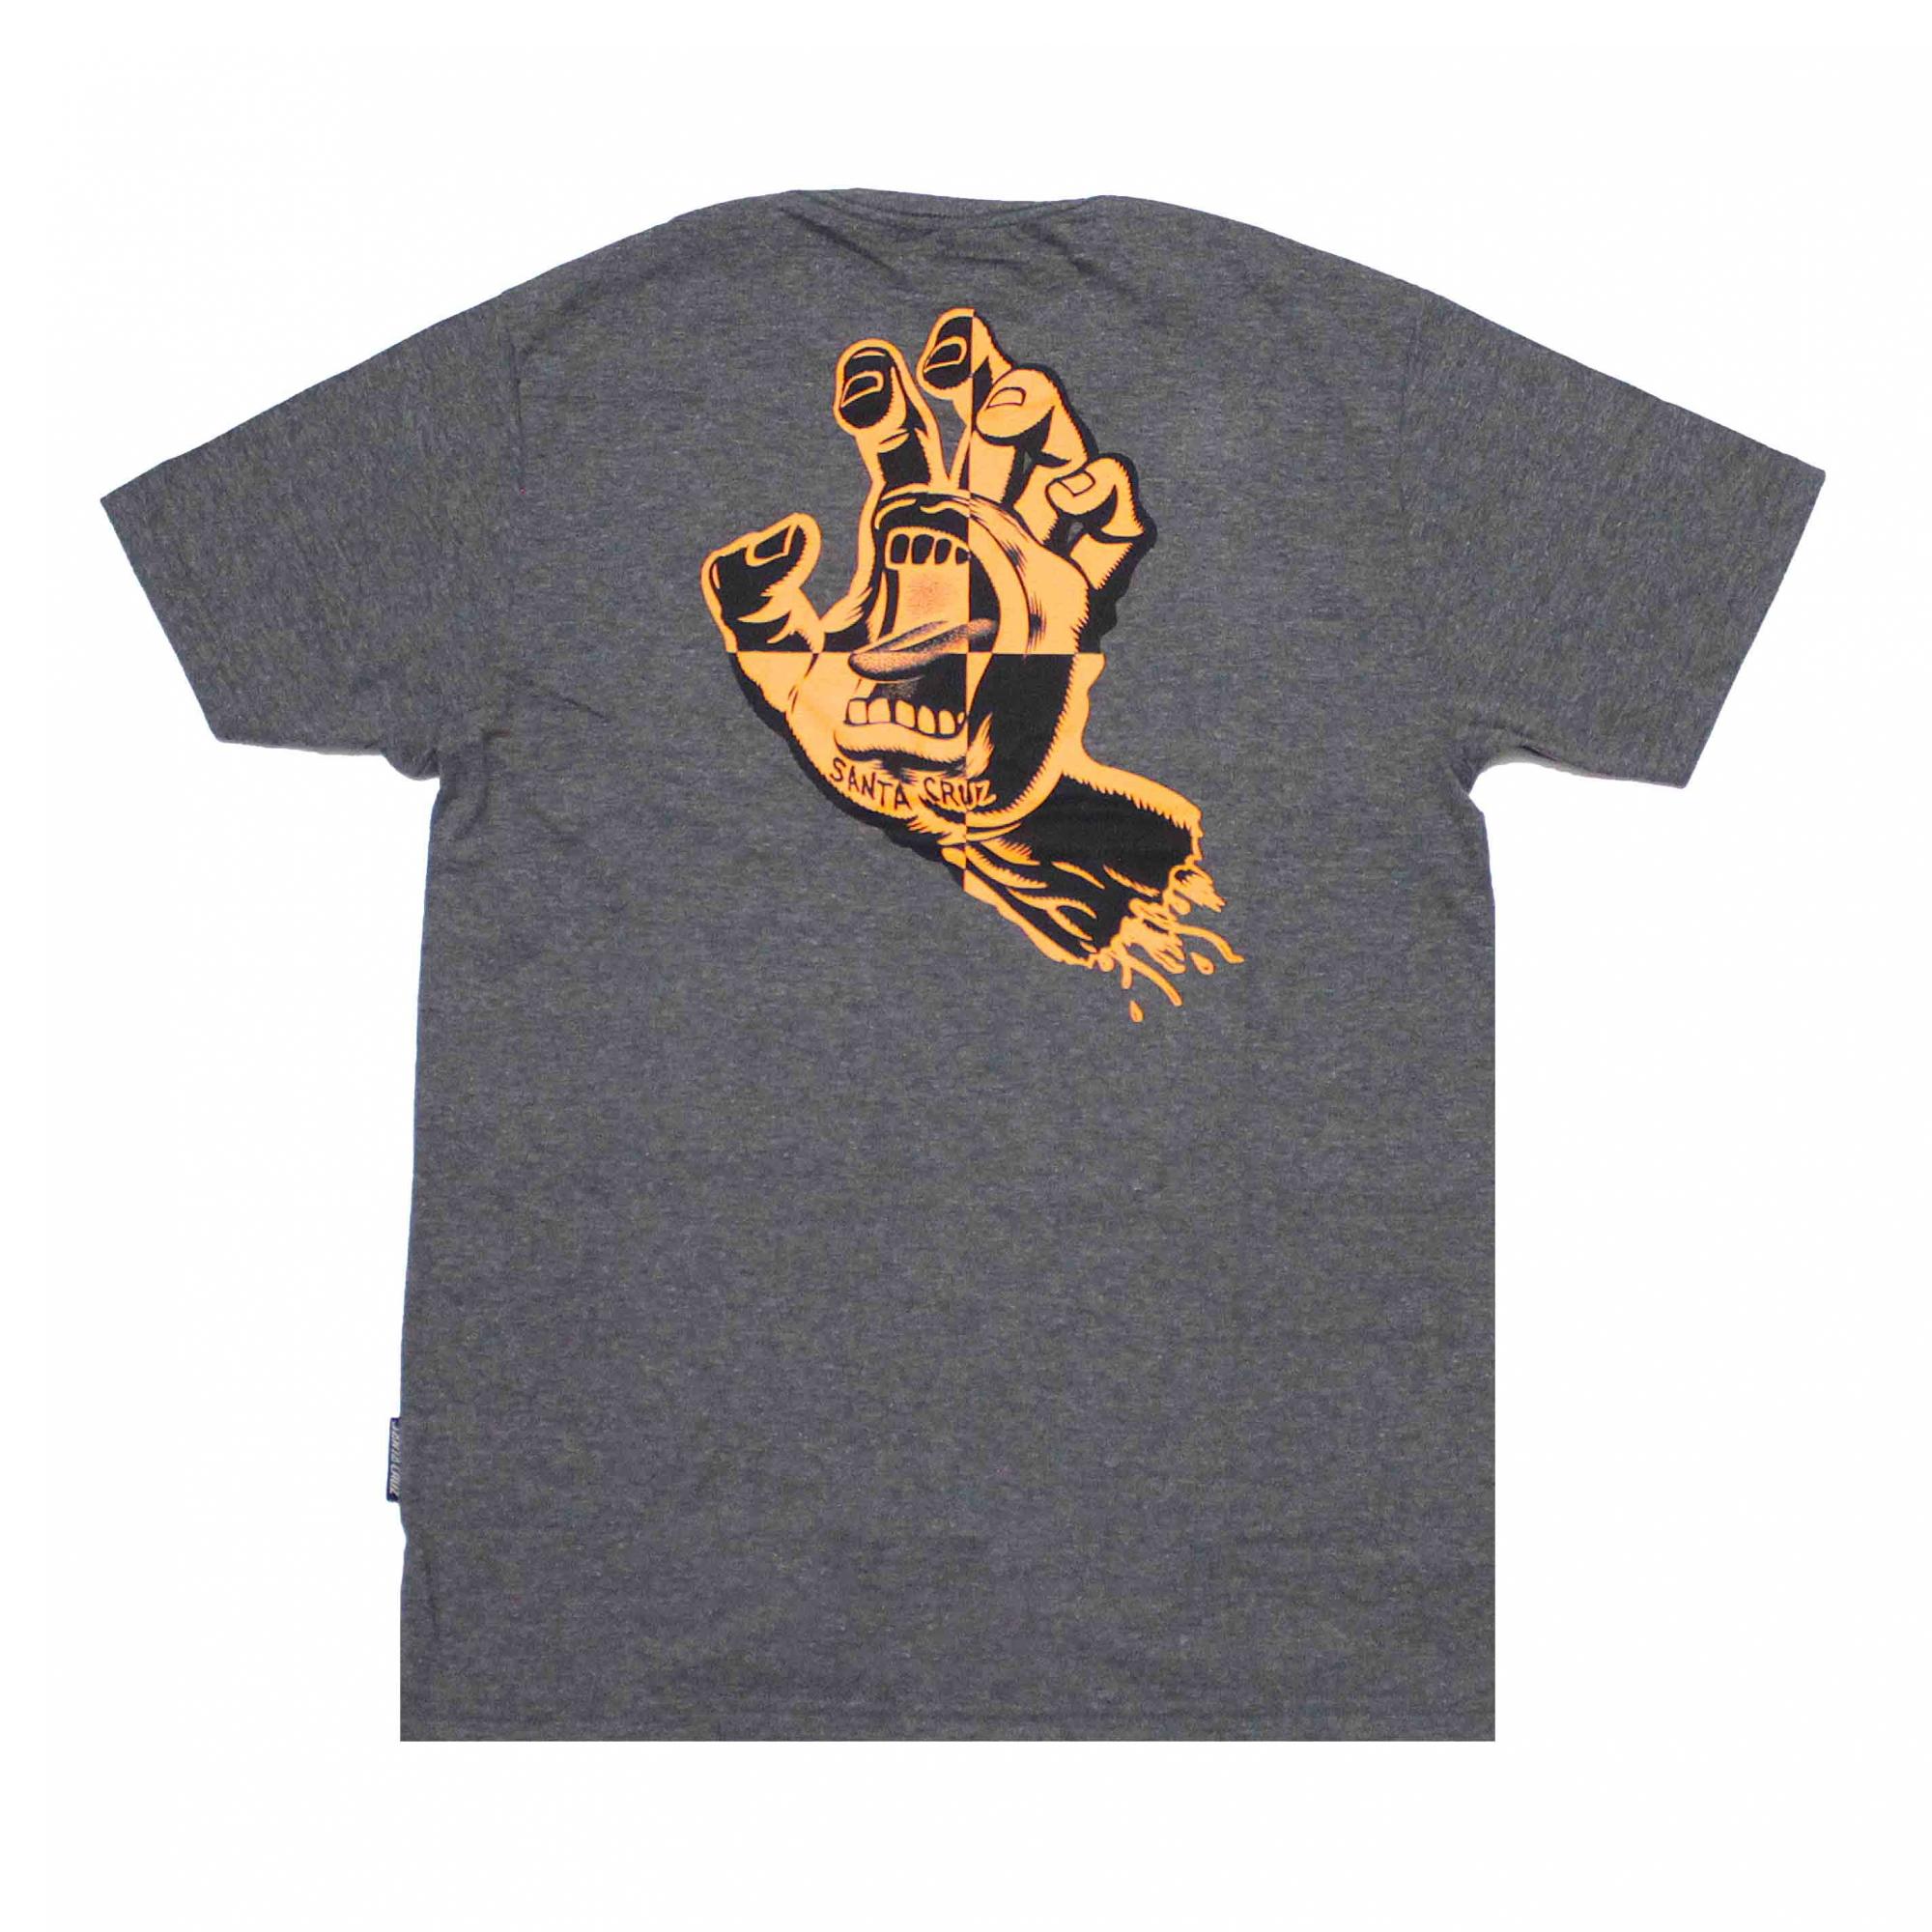 Camiseta Santa Cruz Crash Hand - Cinza Chumbo